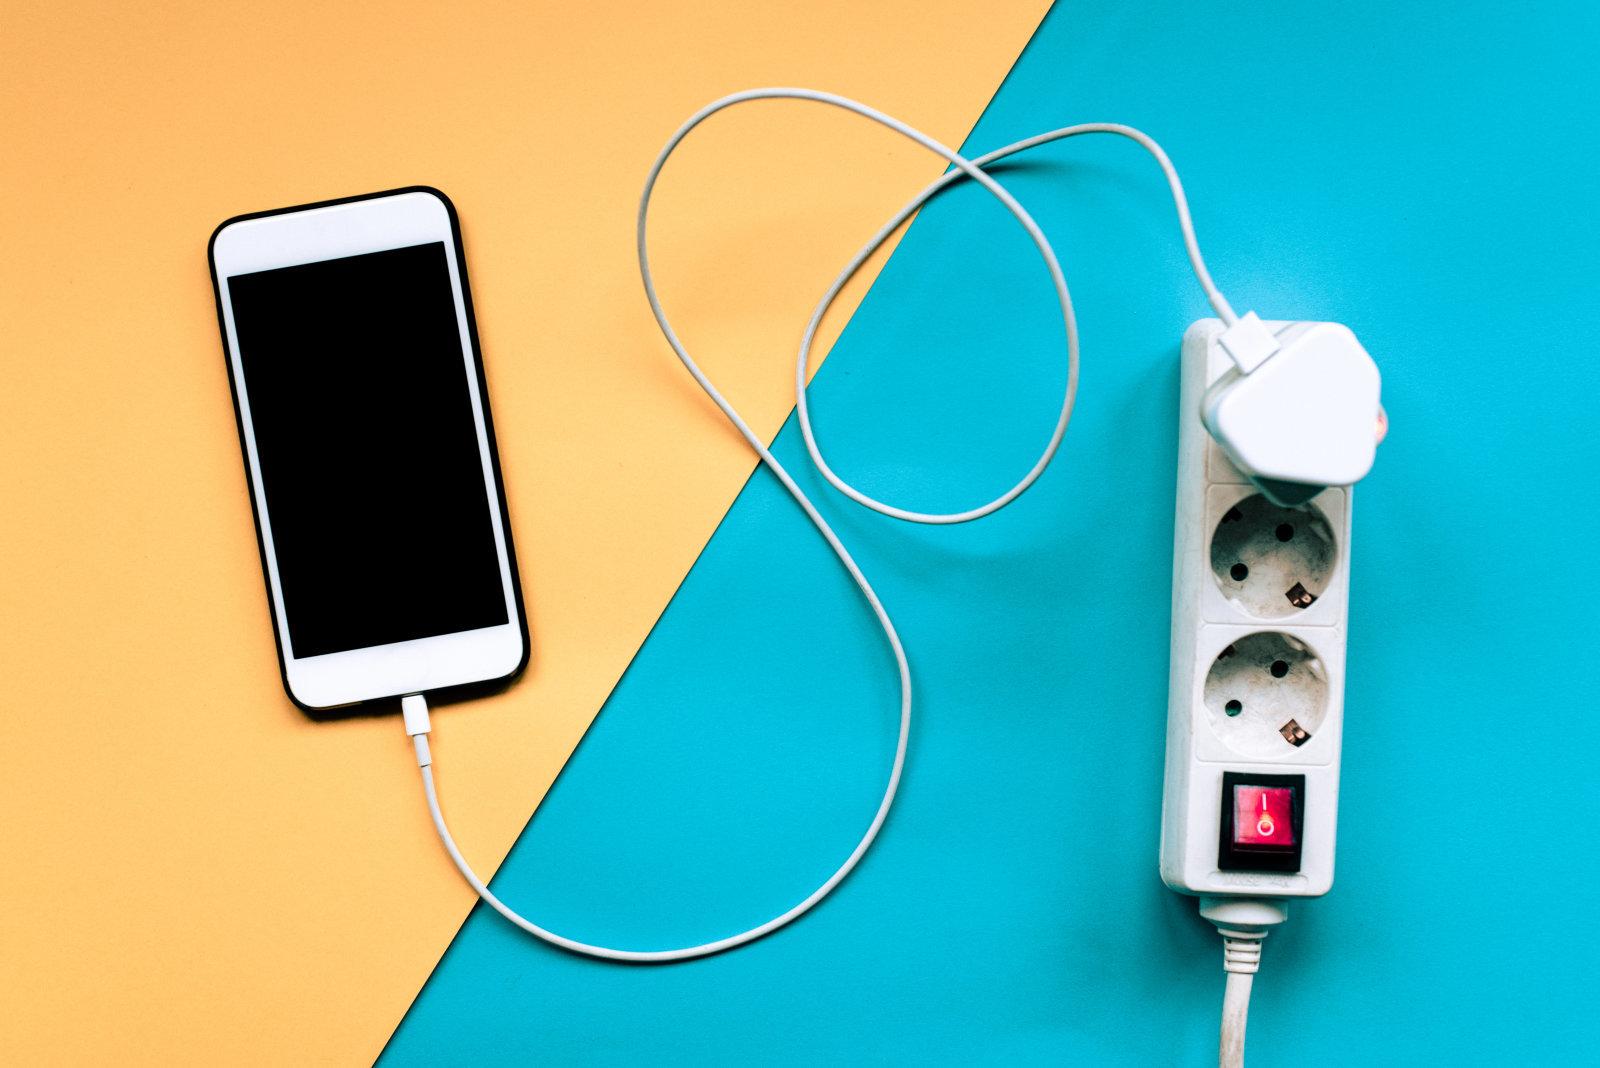 Apple bude opravovat iPhone i s neoriginální baterií